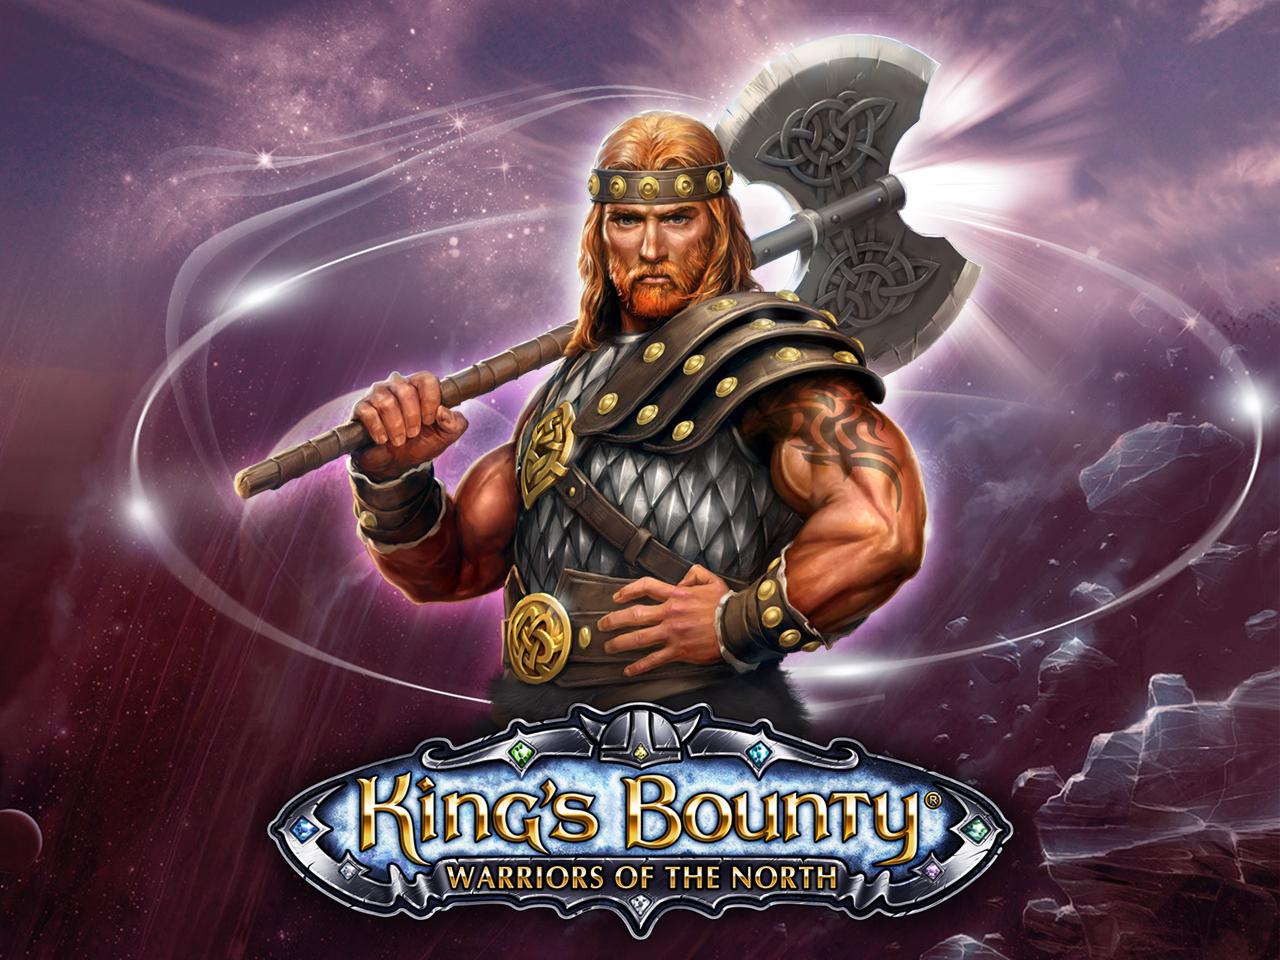 Очередное продолжение King's of Bounty!